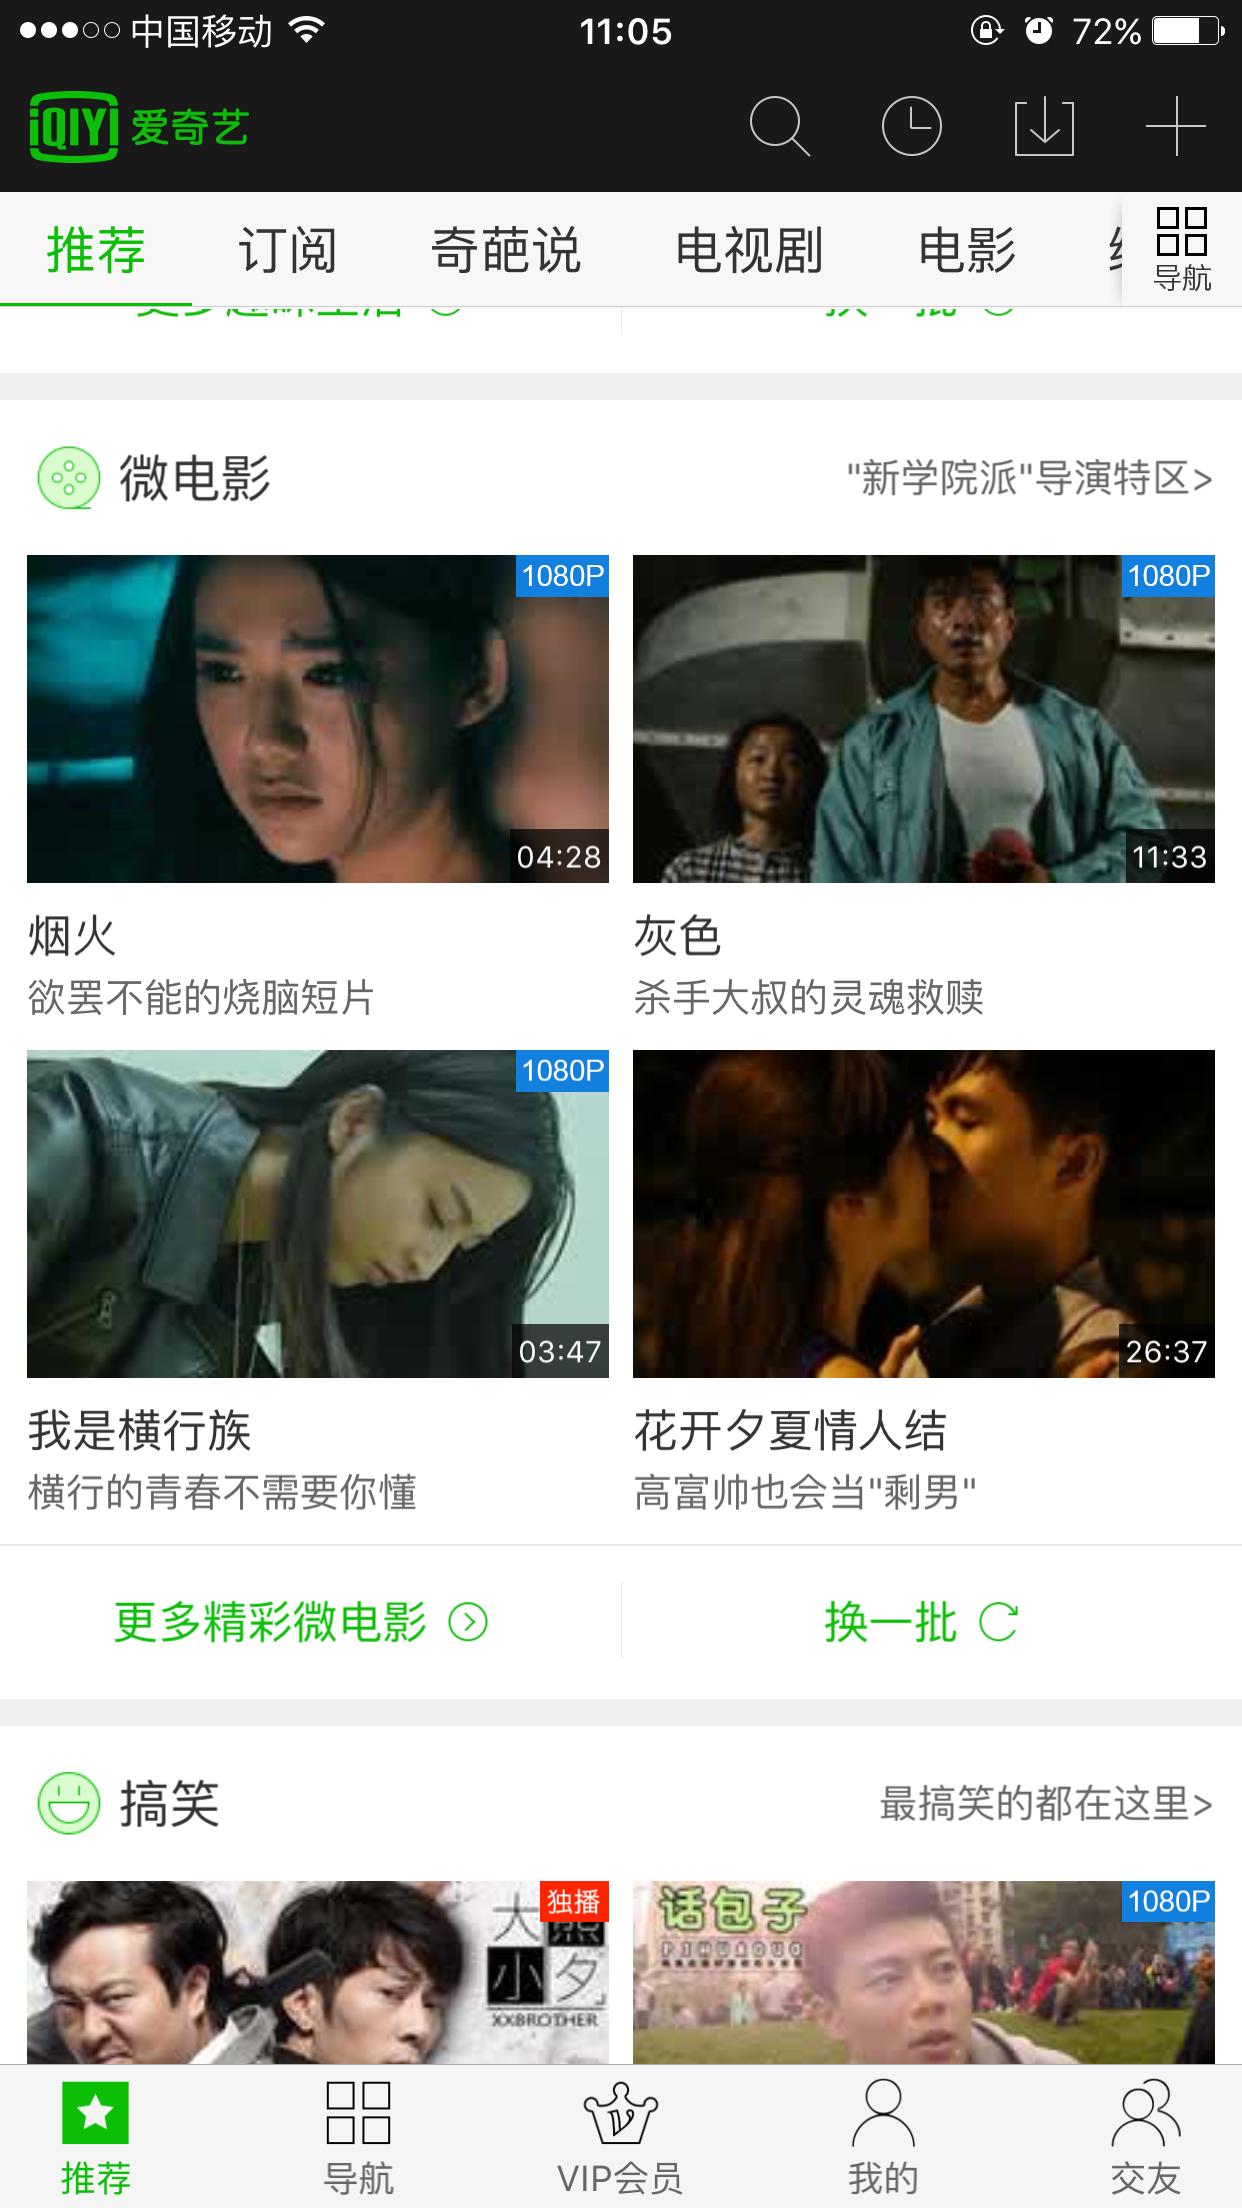 爱奇艺app首页 烟火